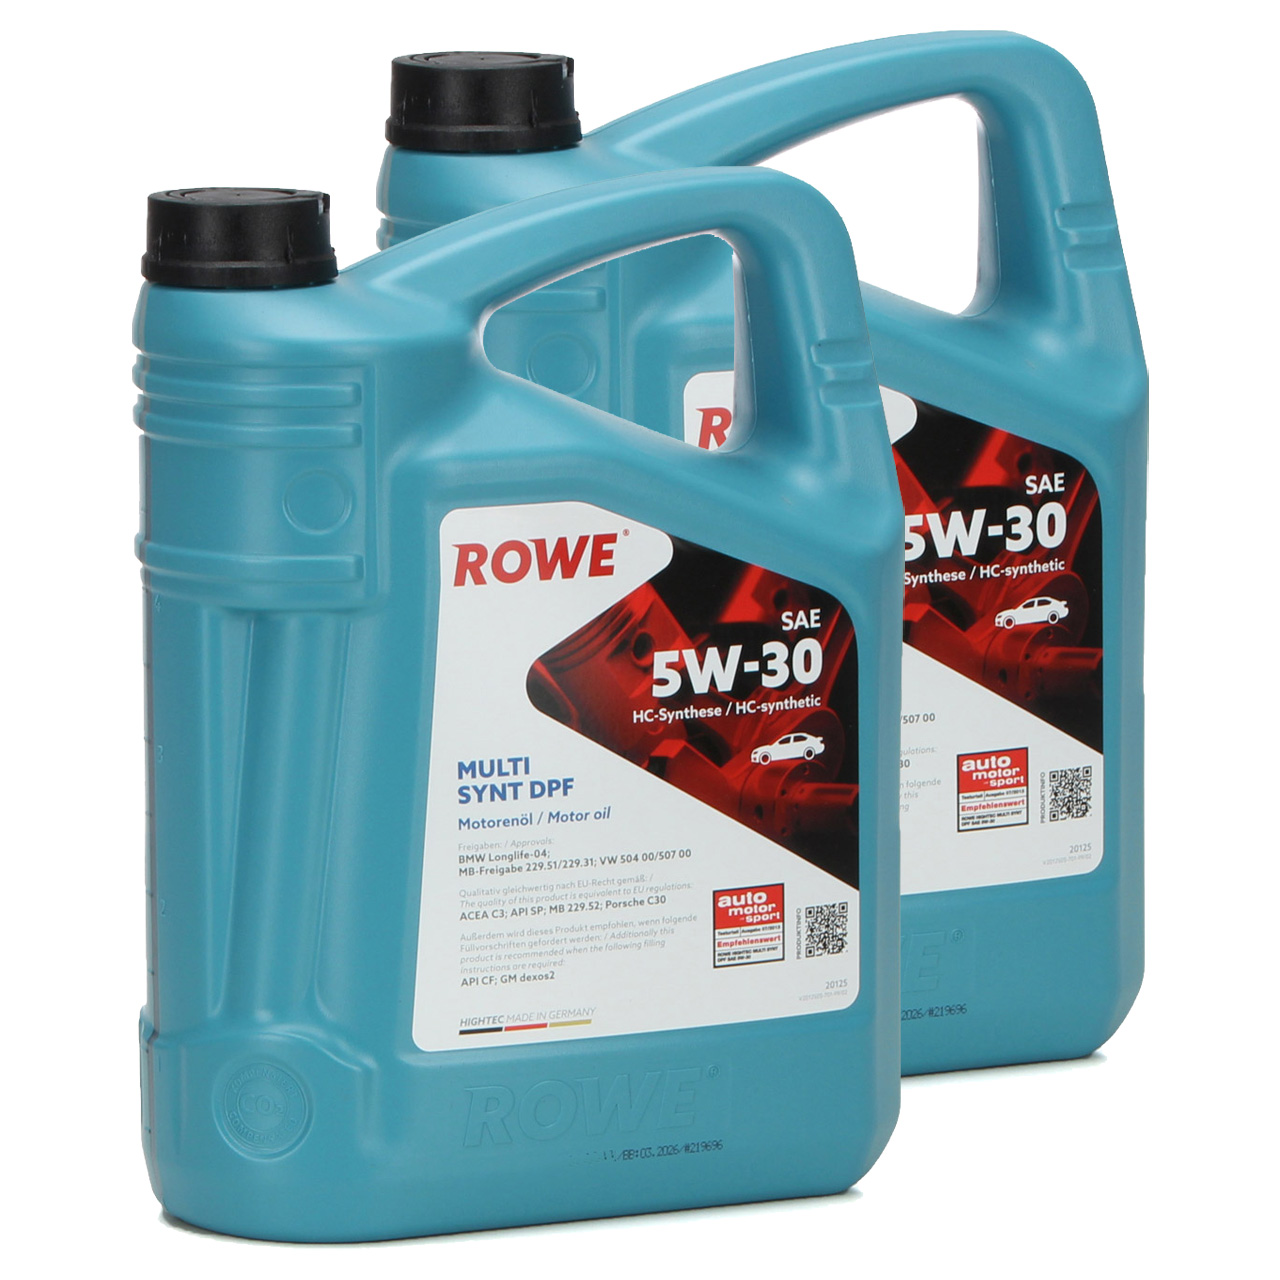 10 Liter ROWE Motoröl Öl MULTI SYNT DPF 5W30 BMW LL-04 MB 229.51 VW 504/507.00